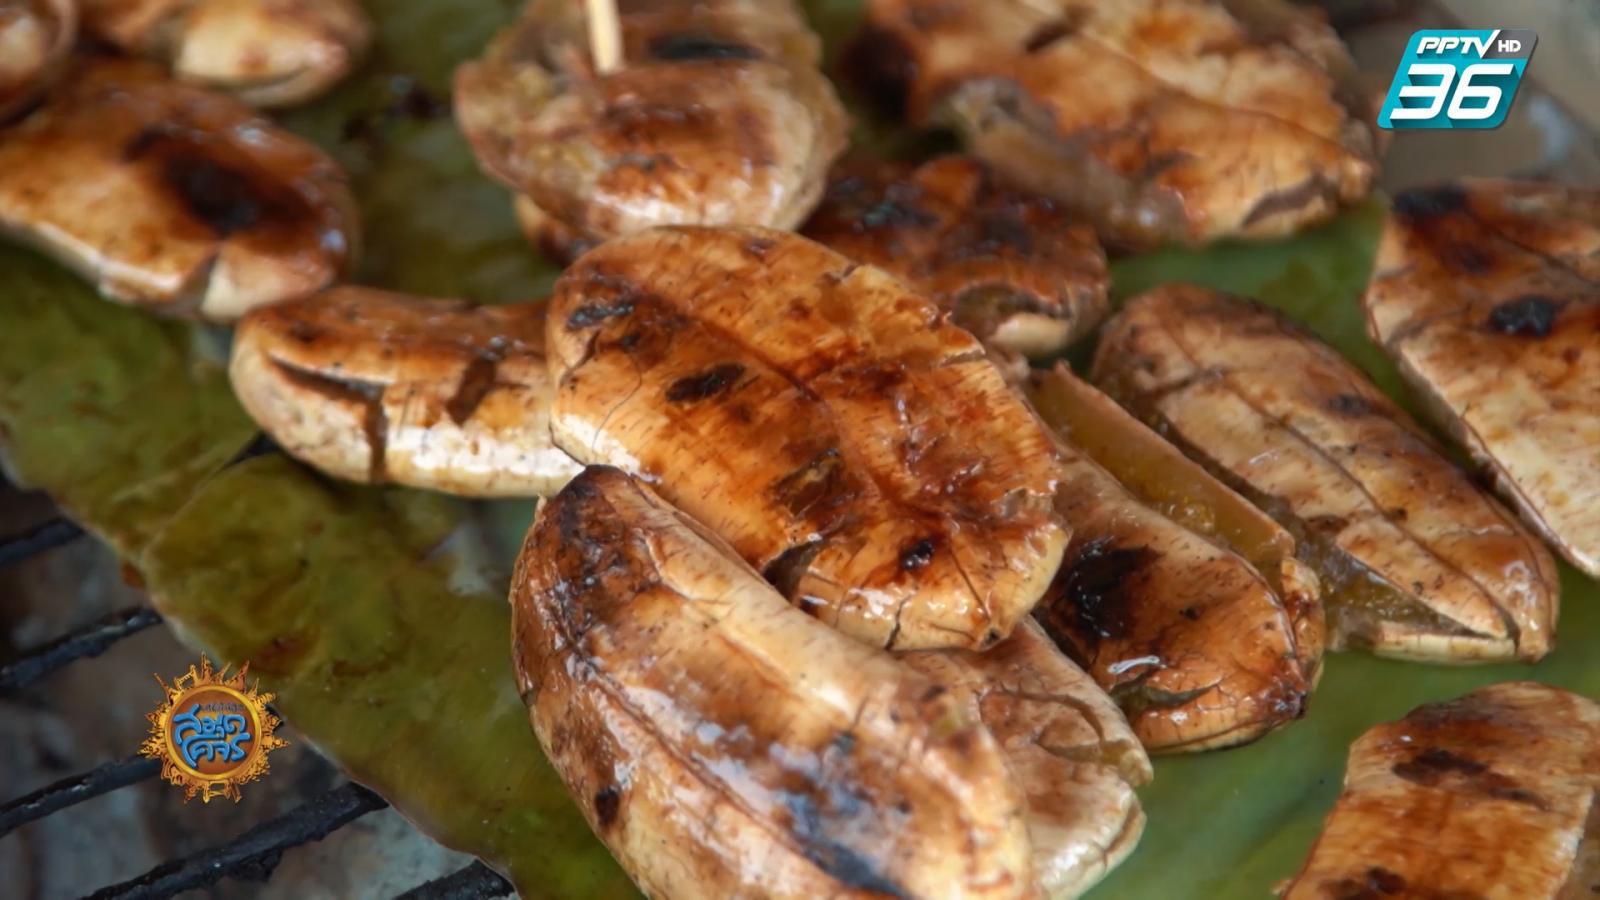 ดูเพลินๆ | กล้วยปิ้งยายนวย รวยความอร่อย! | เที่ยวให้สุด สมุดโคจร EP.16